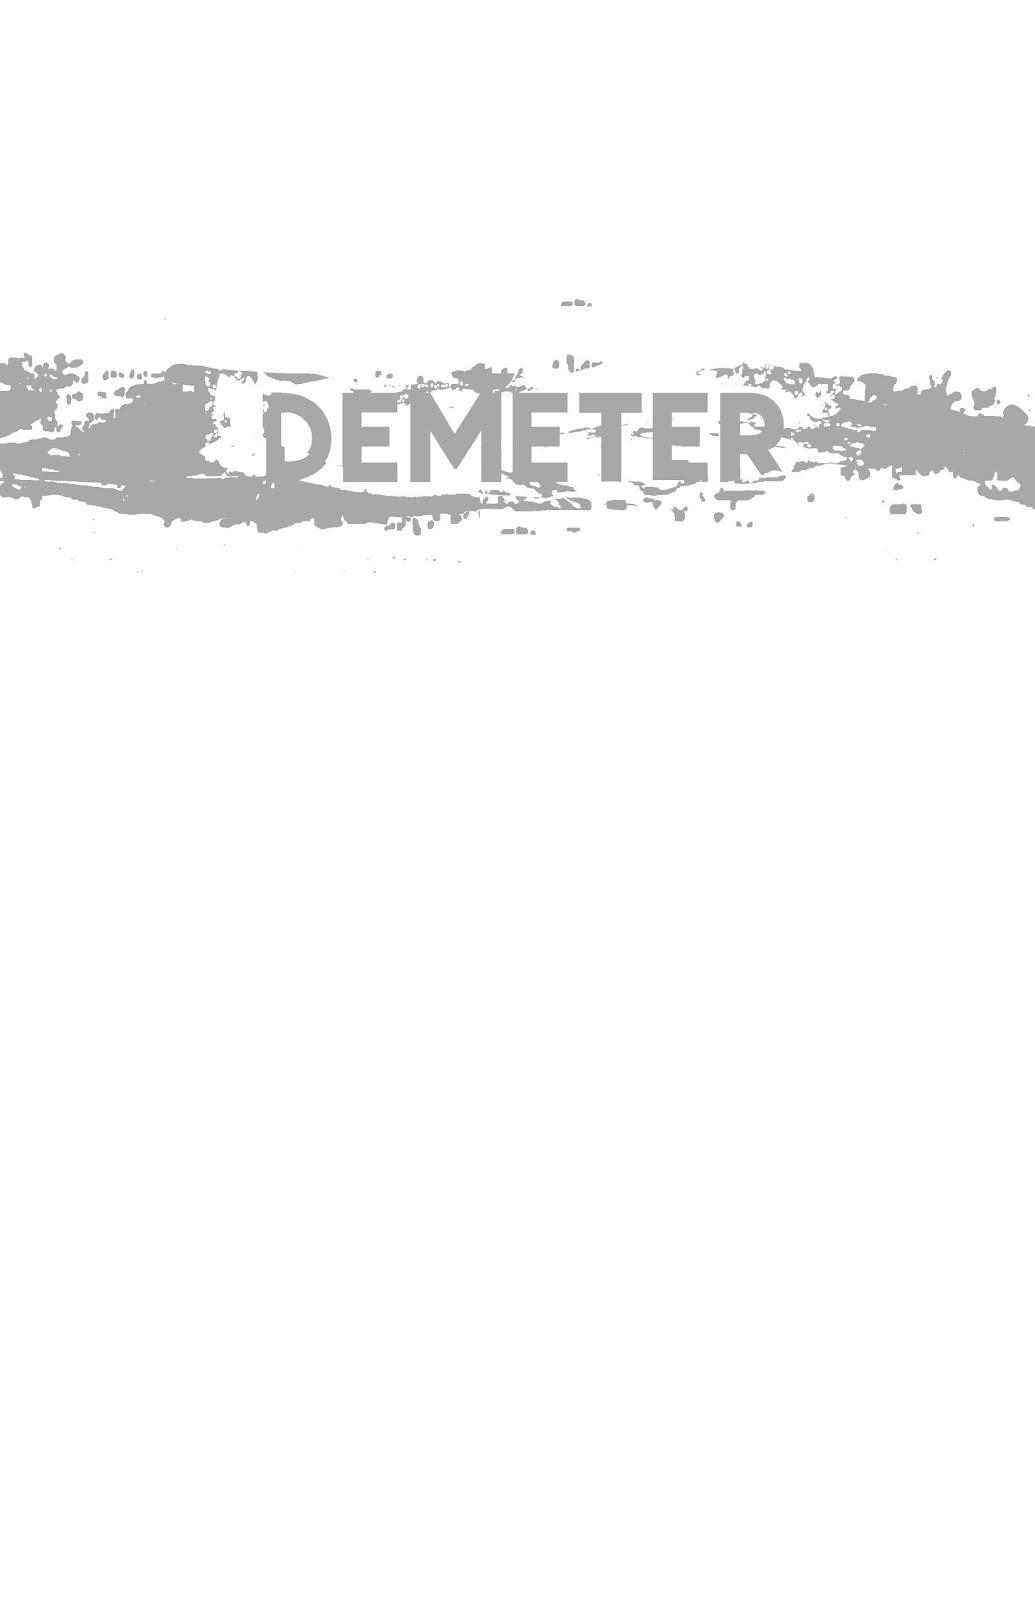 Read online Demeter comic -  Issue # Full - 2